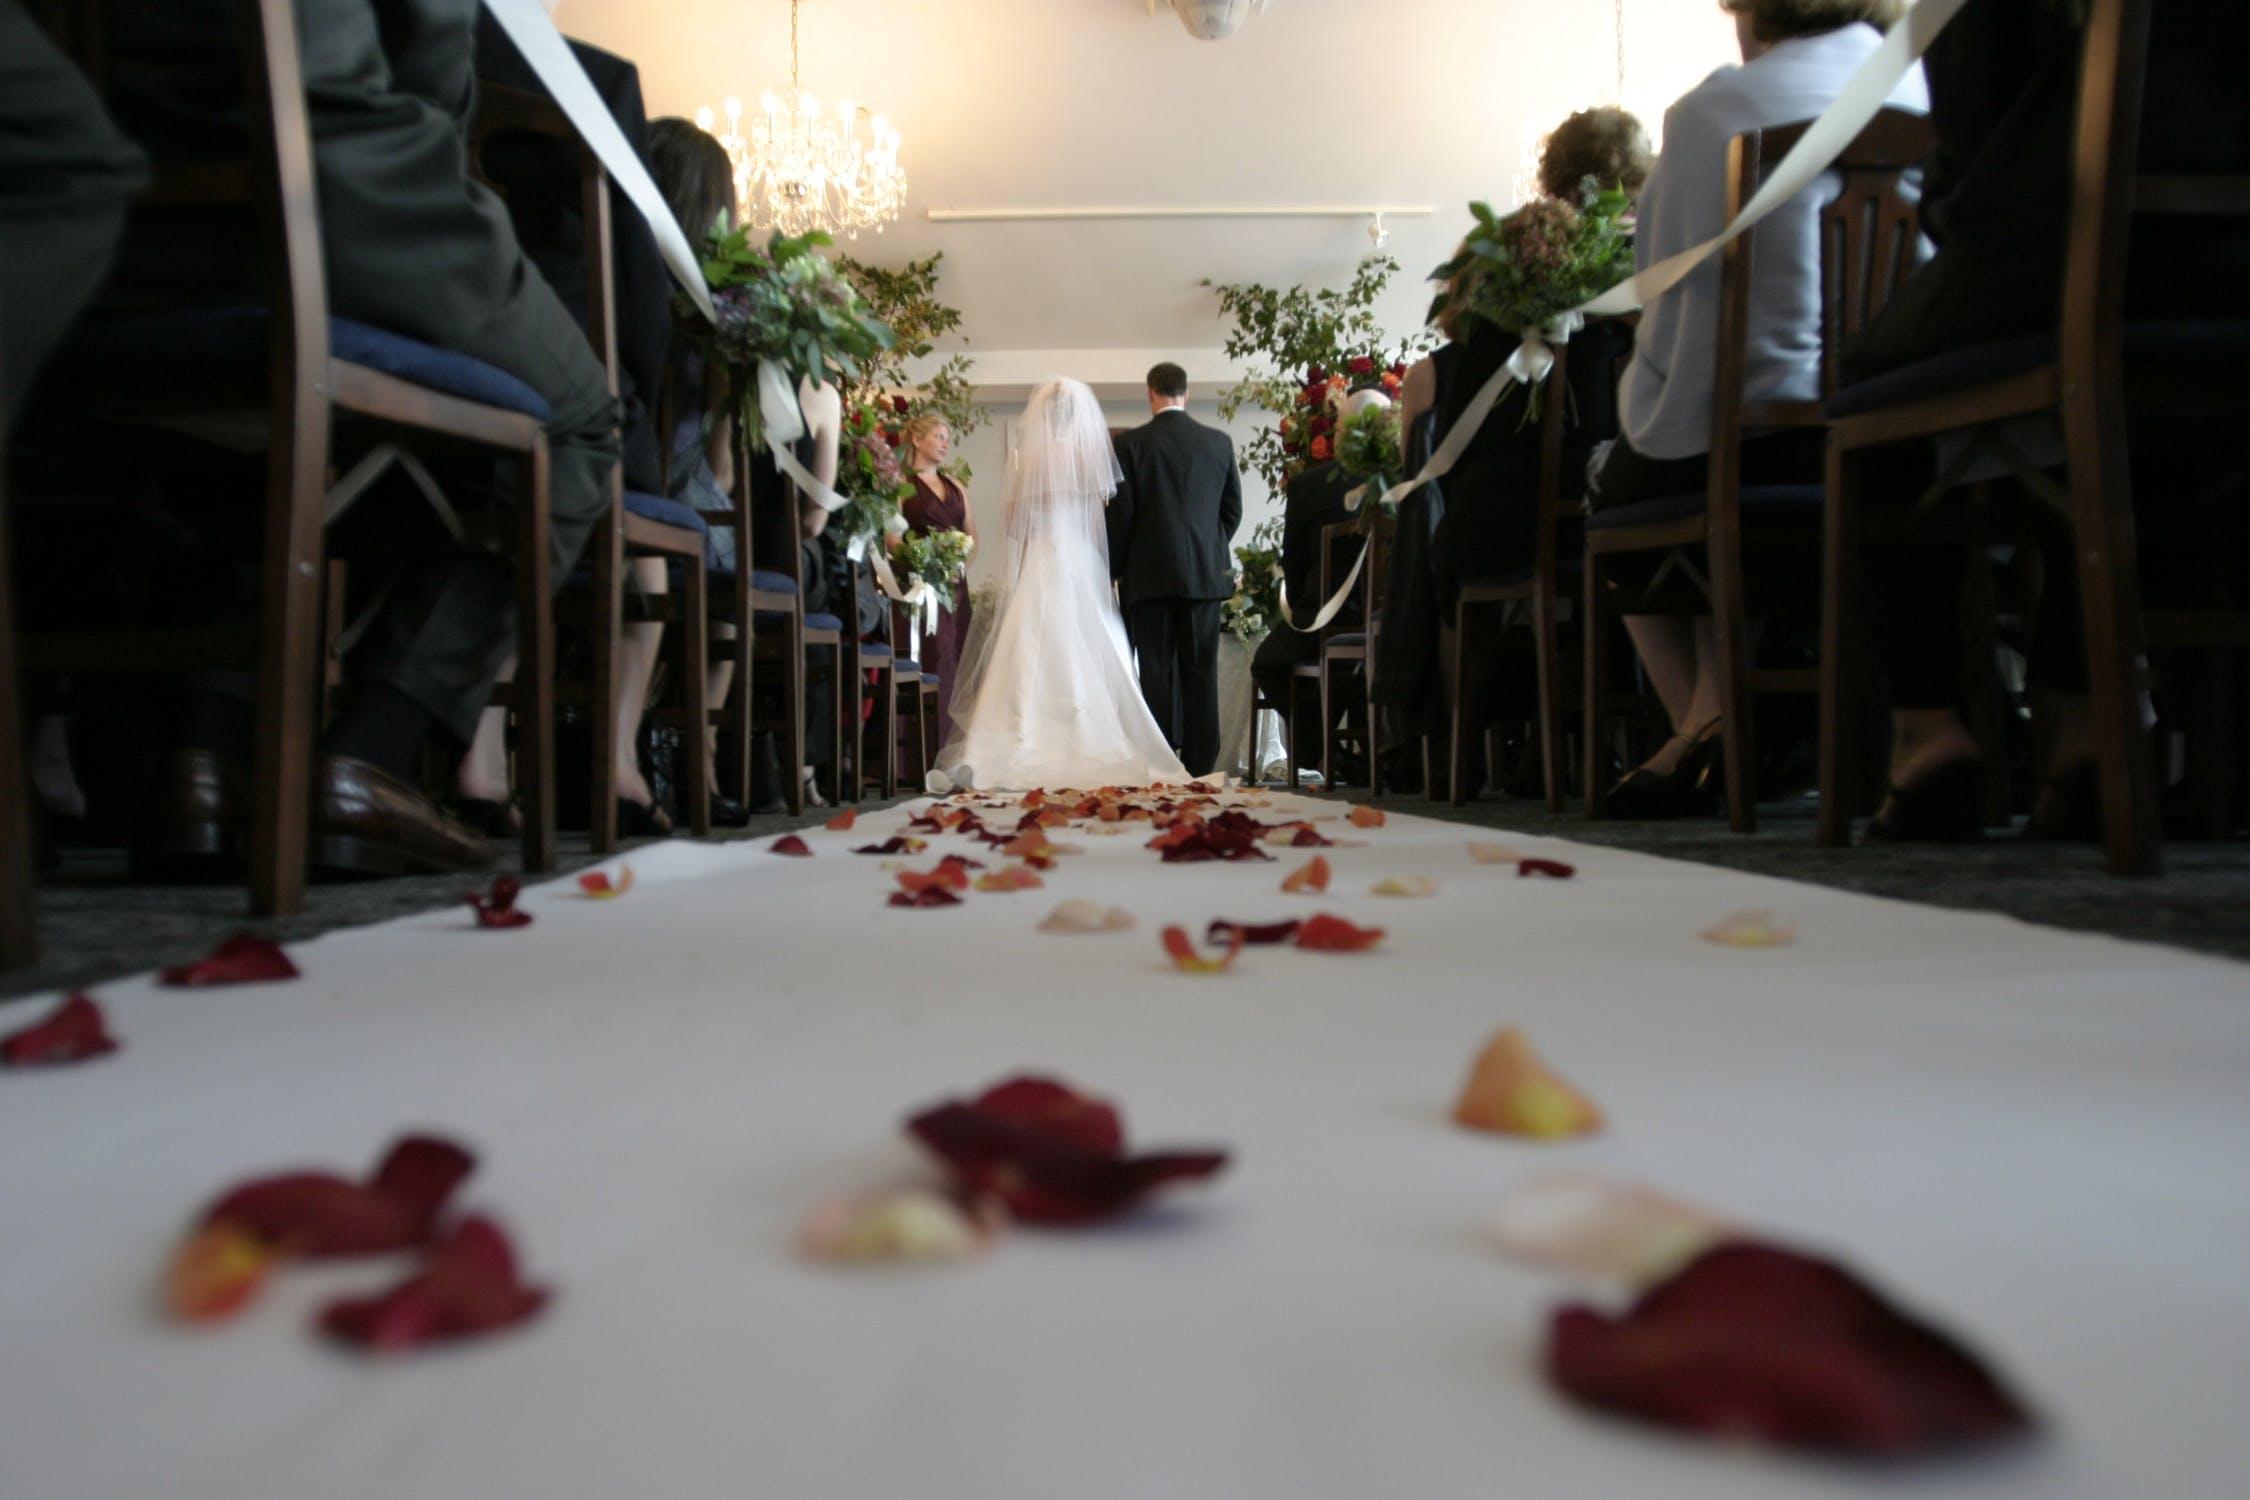 Amanta soțului a apărut la nuntă, îmbărcată în mireasă! Cum a reacționat soția. VIDEO